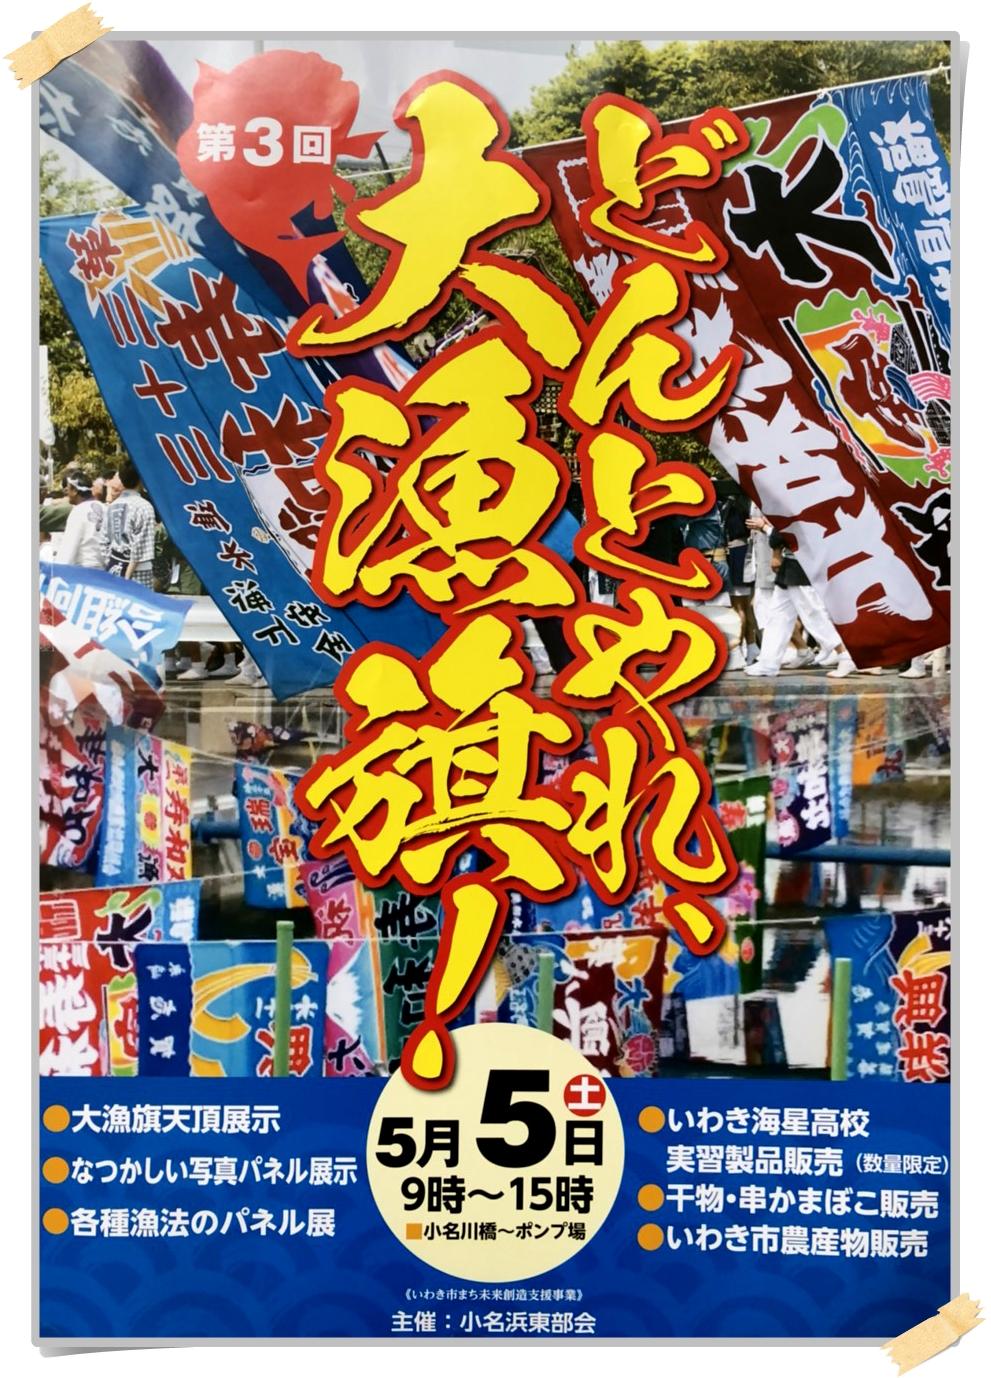 「第3回小名浜どんとやれ、大漁旗」明日開催! [平成30年5月4日(金・祝)更新]1